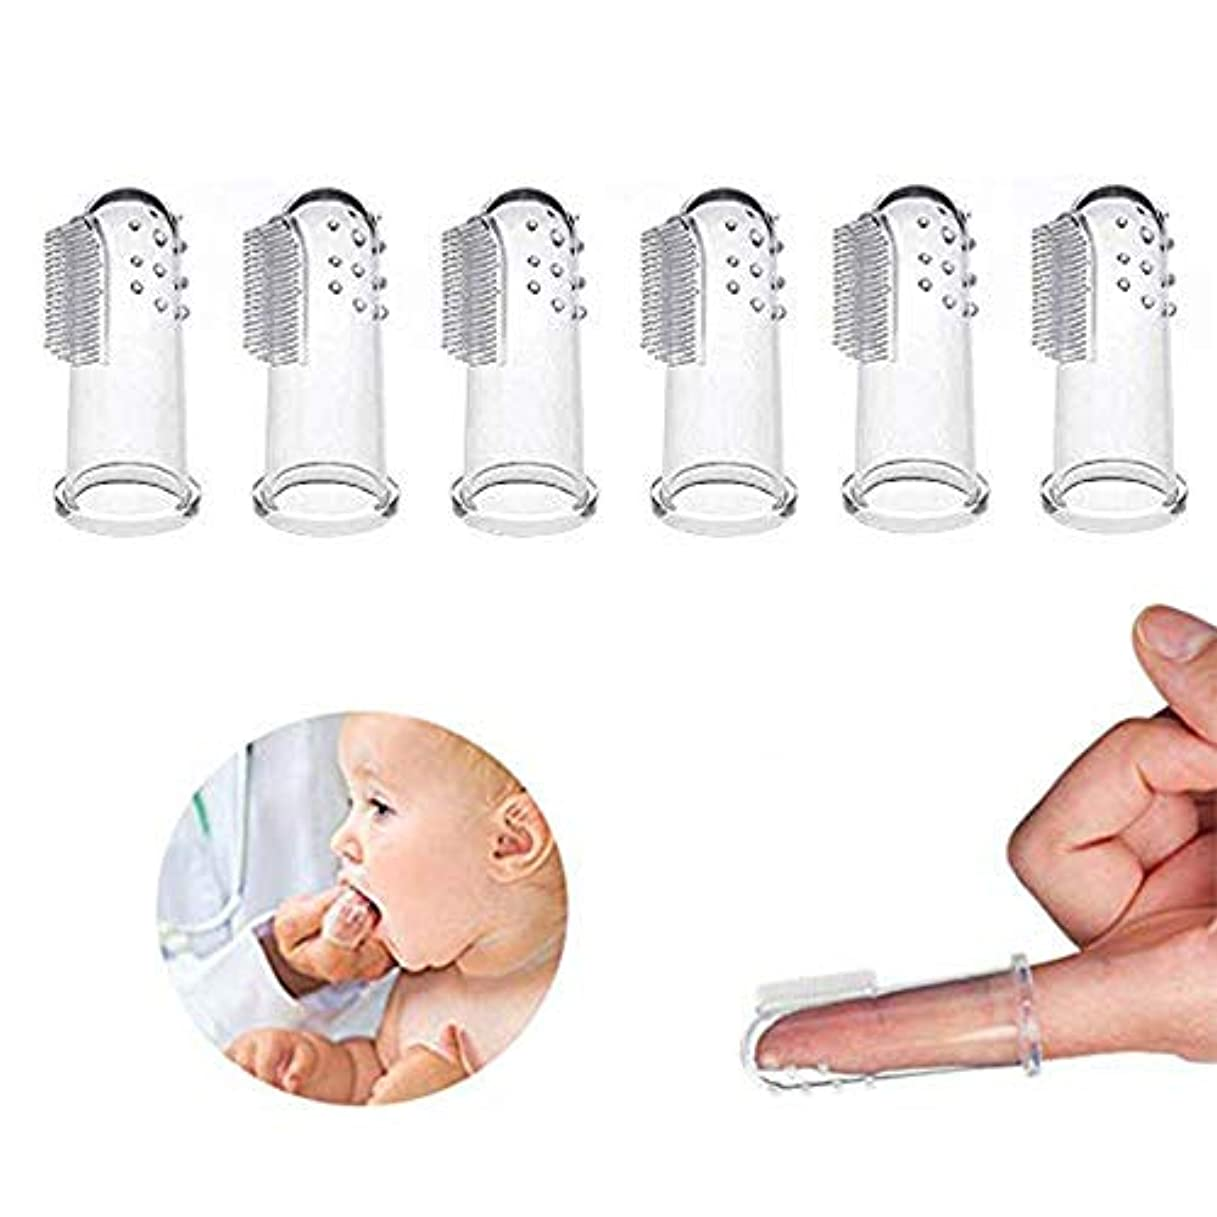 あえて寛容六月幼児歯ブラシ ベビー指歯ブラシ 指歯ブラシ 乳歯清潔 口腔ケア ケース付き ベビーフィンガーブラ 乳児幼児子供用シリコーンソフトオーラルマッサージャージェントルケア 6本セット (ホワイト)